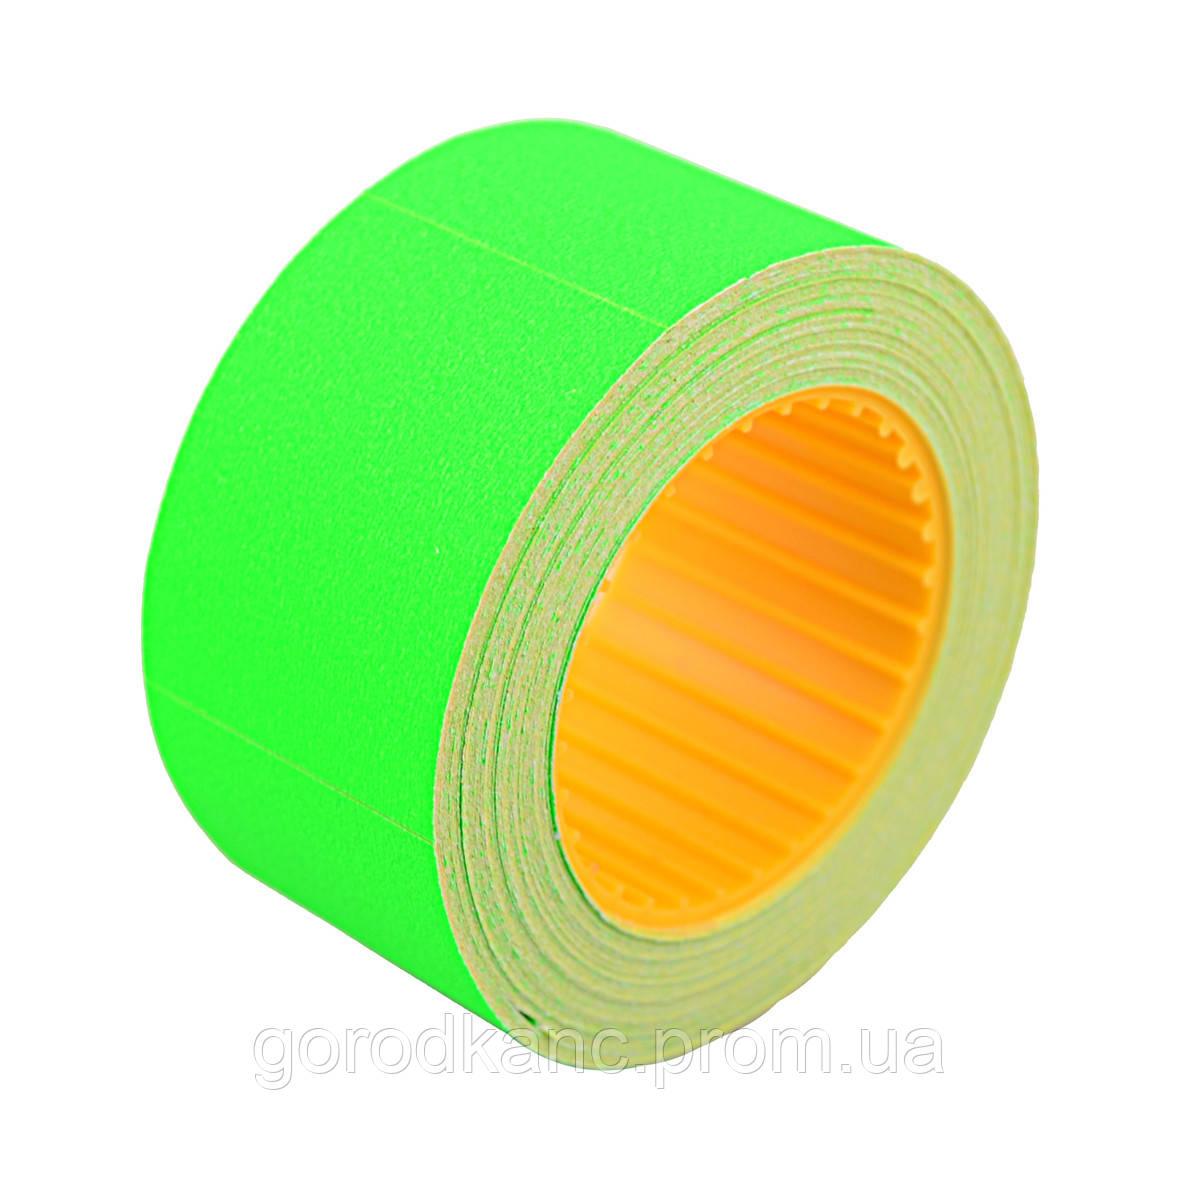 Цінник Datum флюо TCBIL3040 8,00м, прям.200шт/рол (зел.) - фото 1